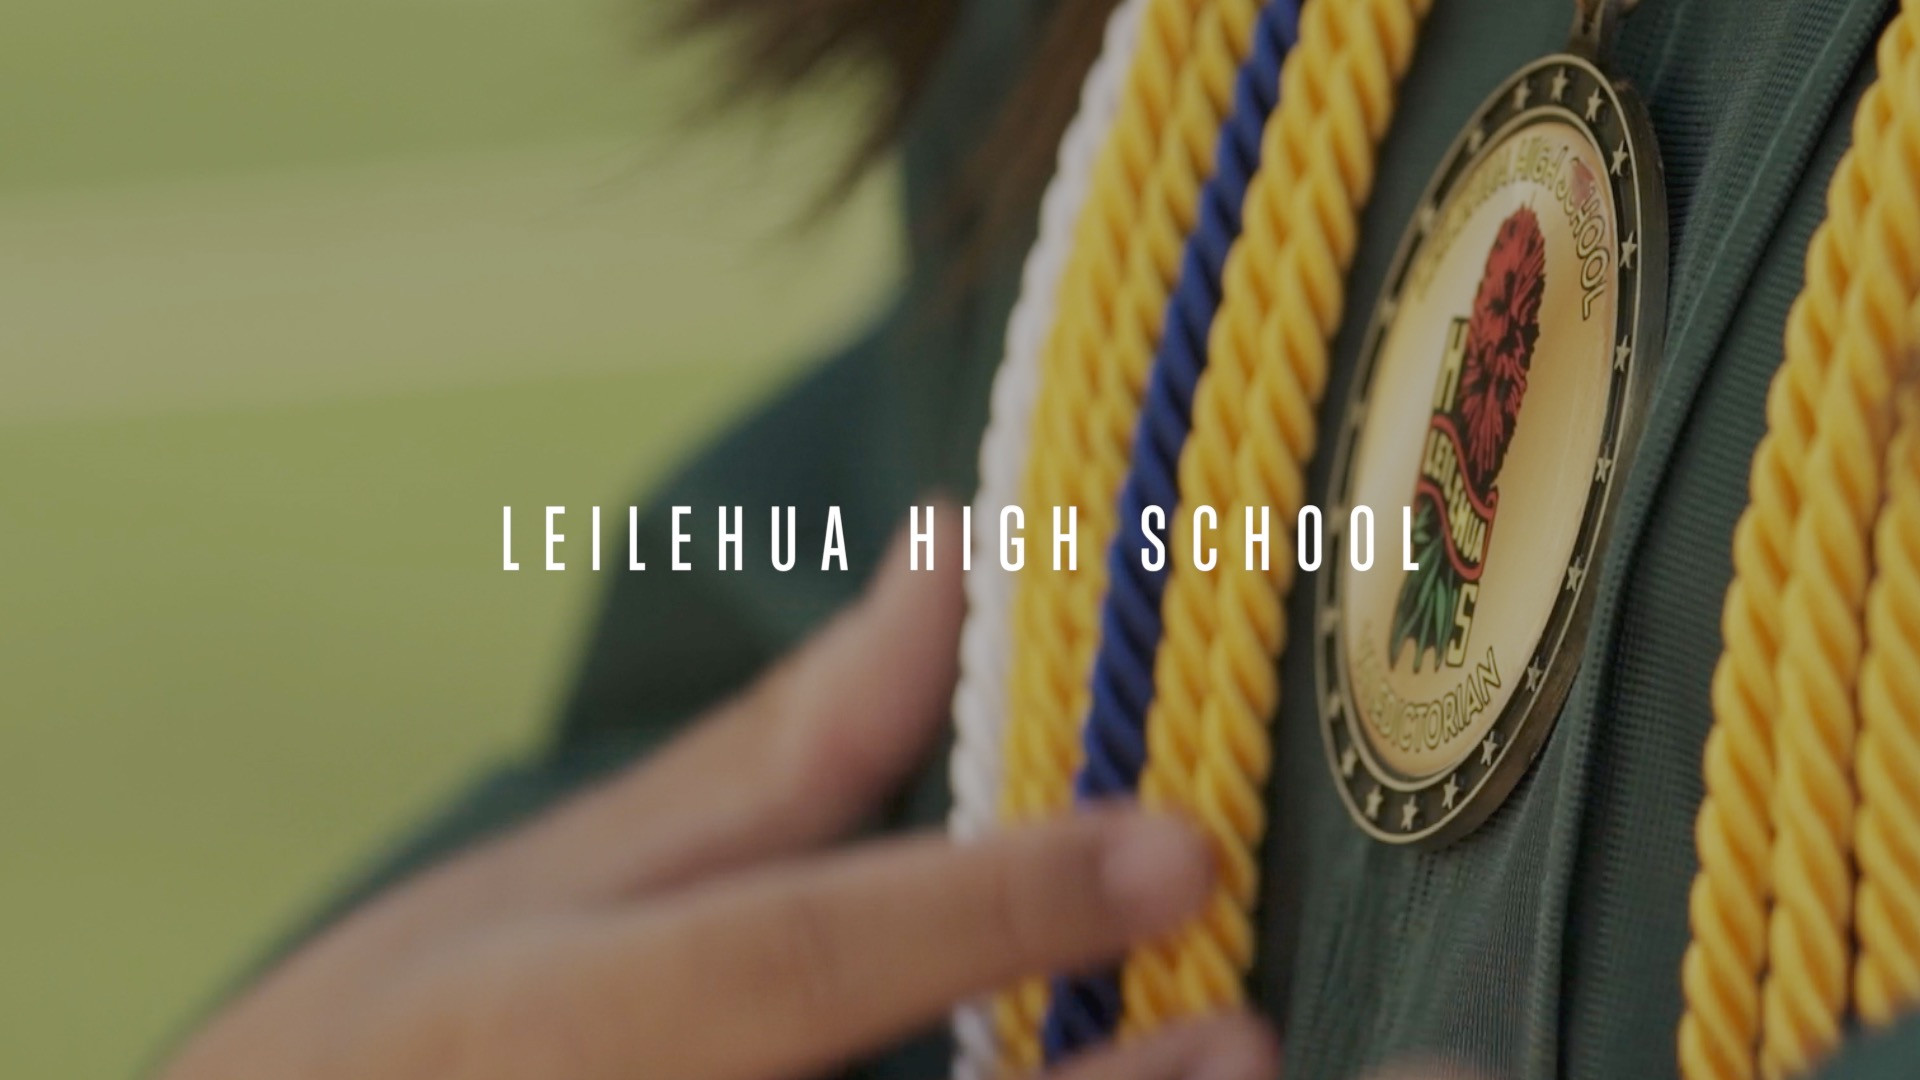 Class of 2020 Leilehua High School Graduation